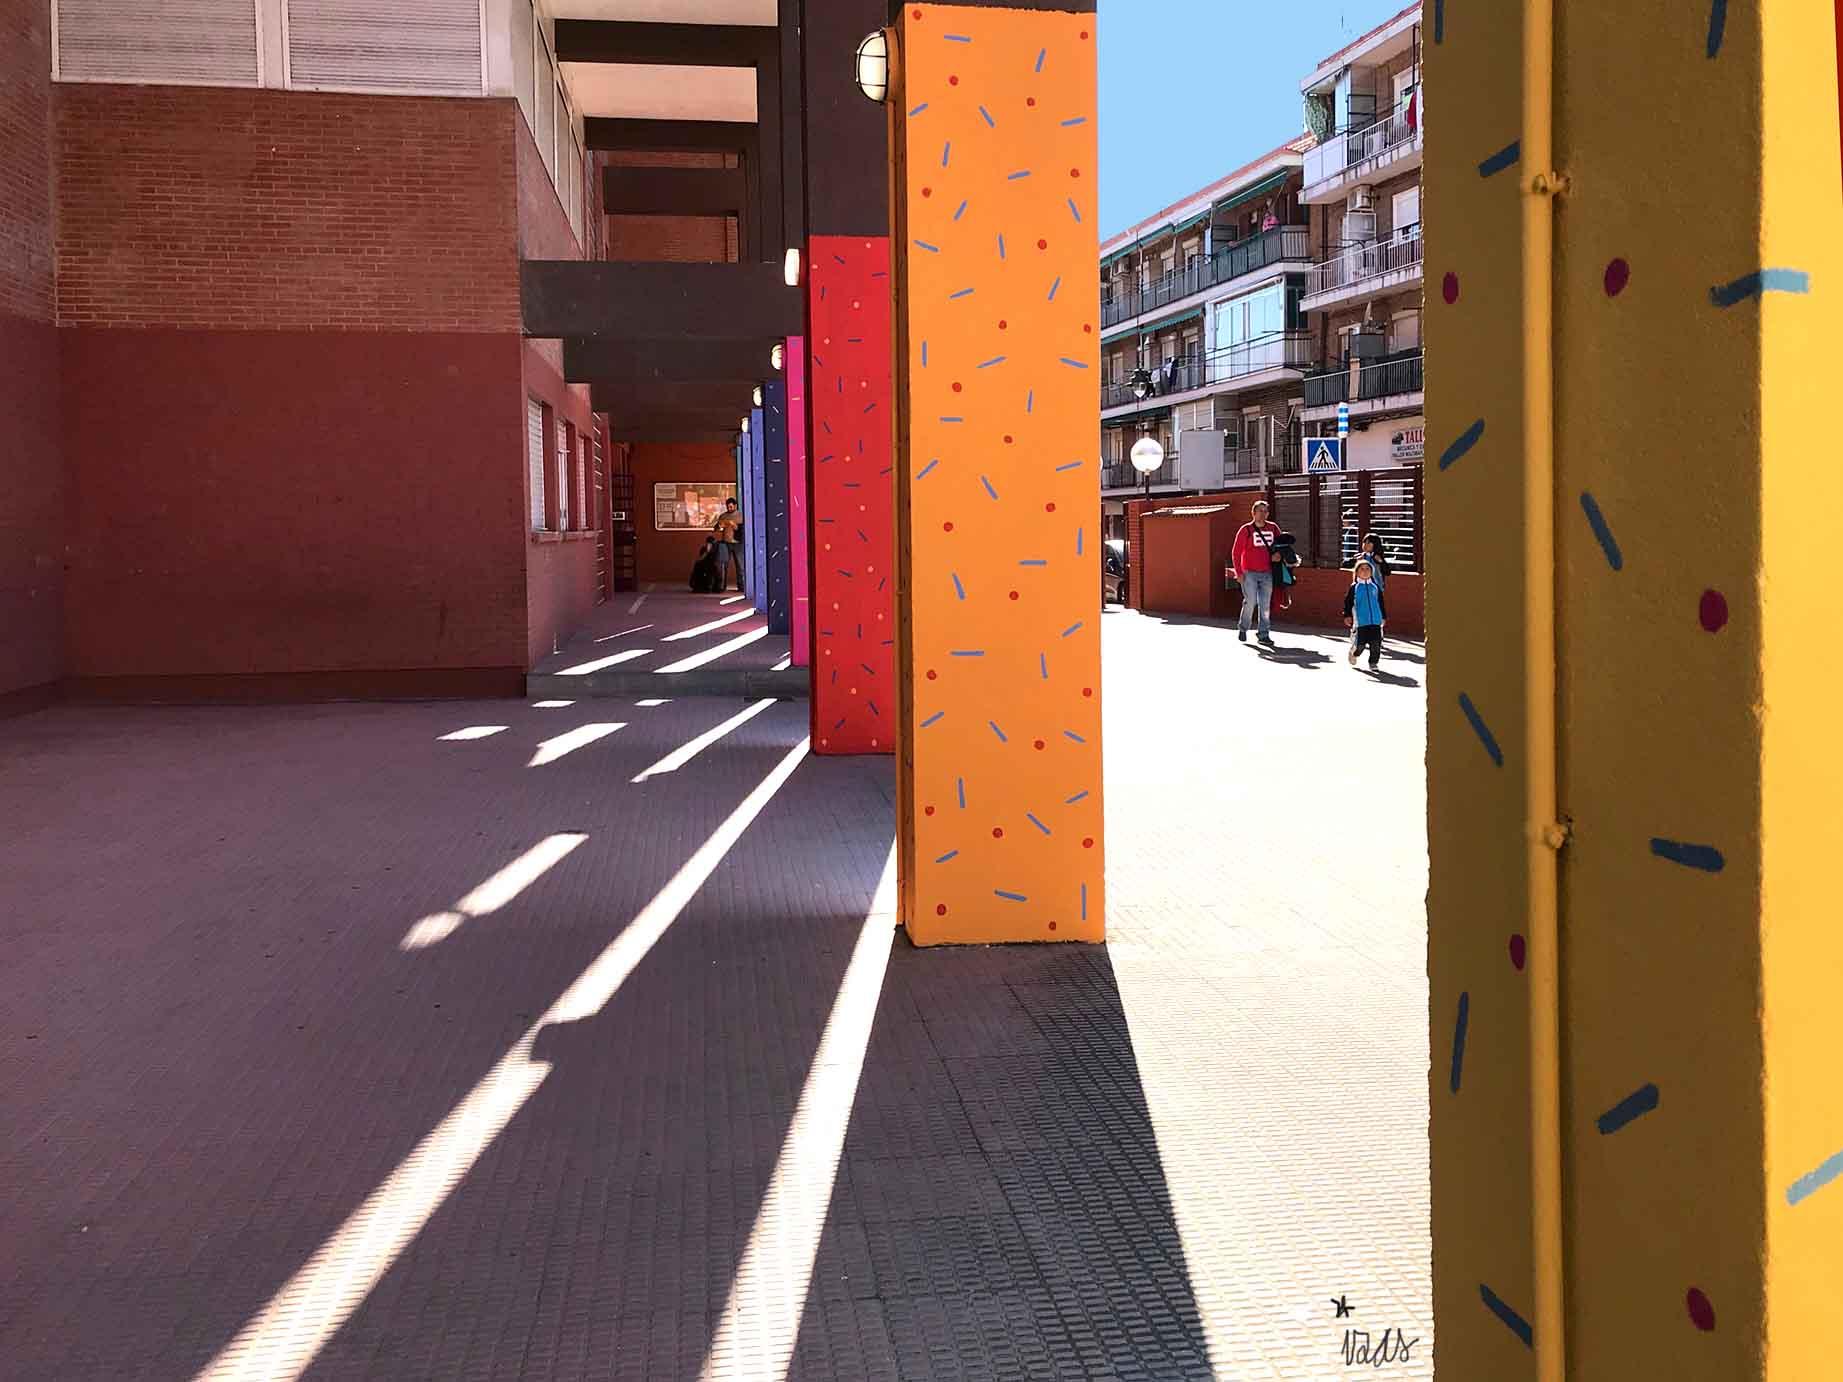 mural izas parque cataluña 1